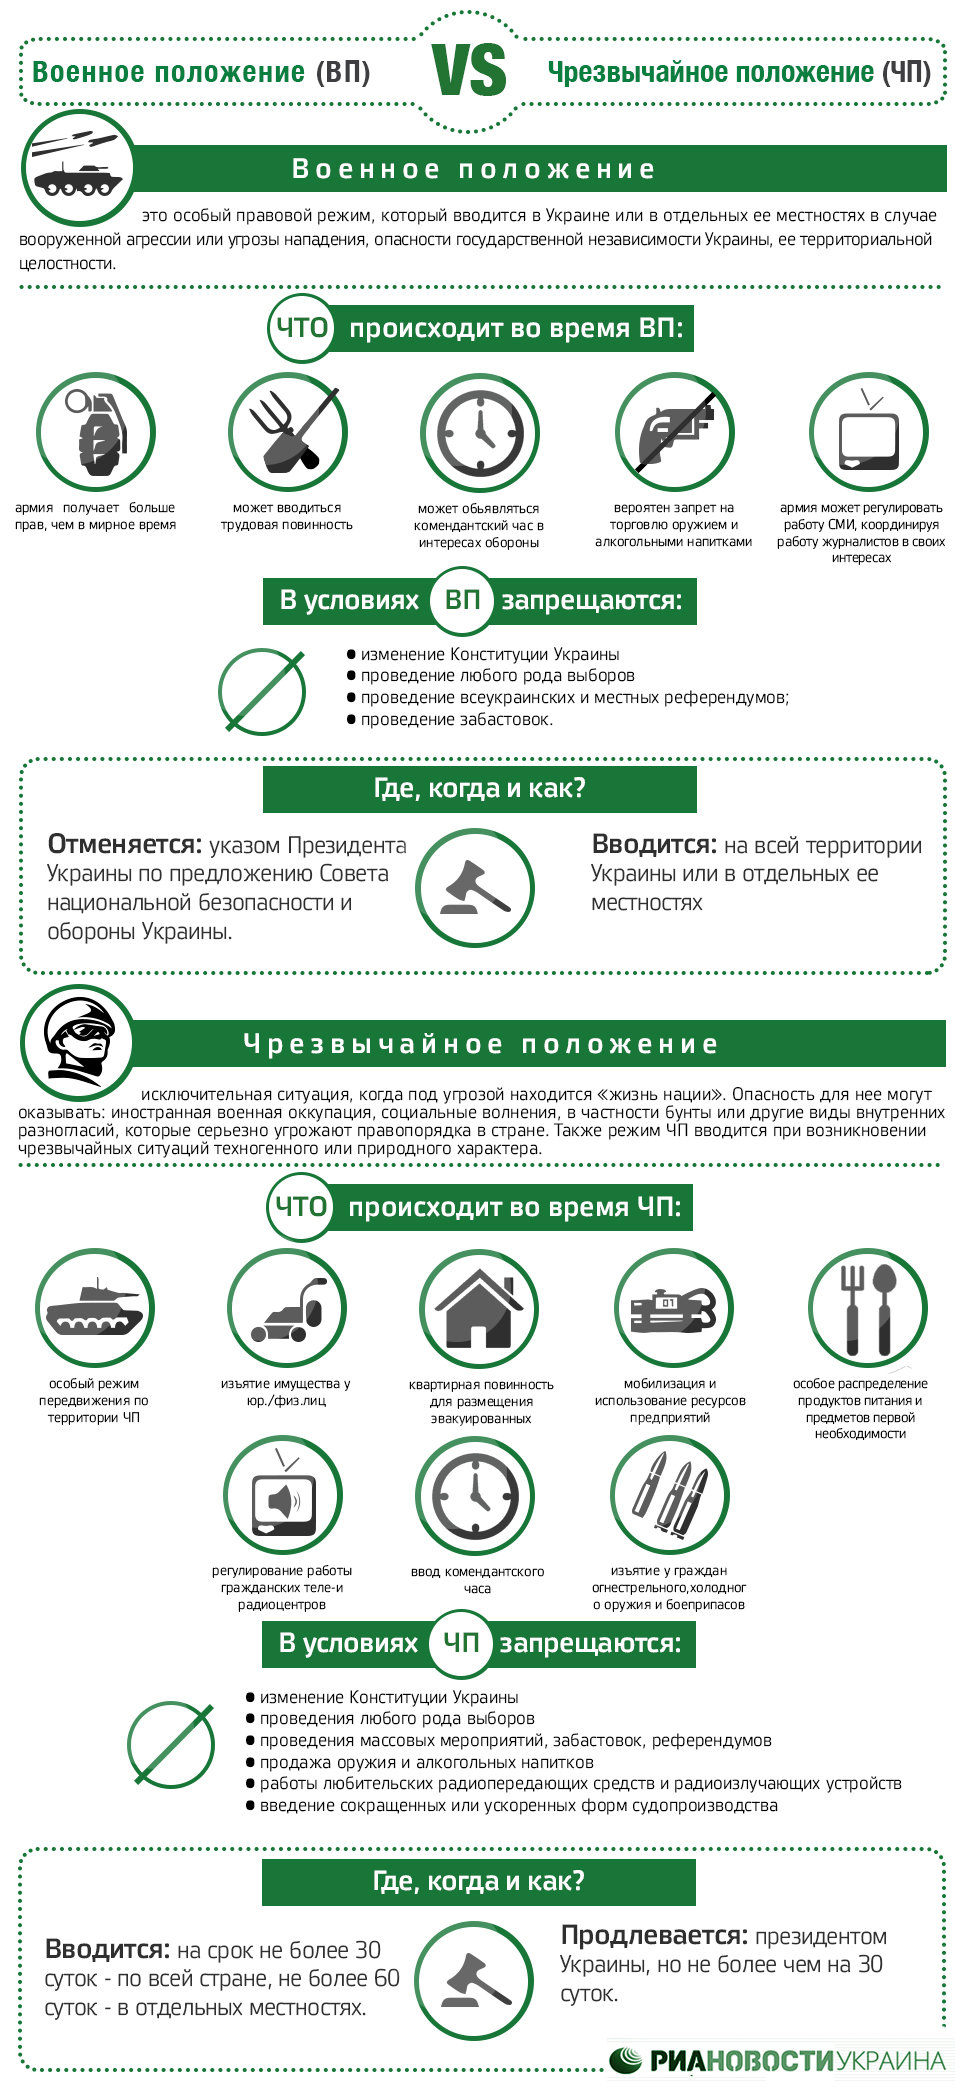 Военное положение и чрезвычайное положение. Инфографика